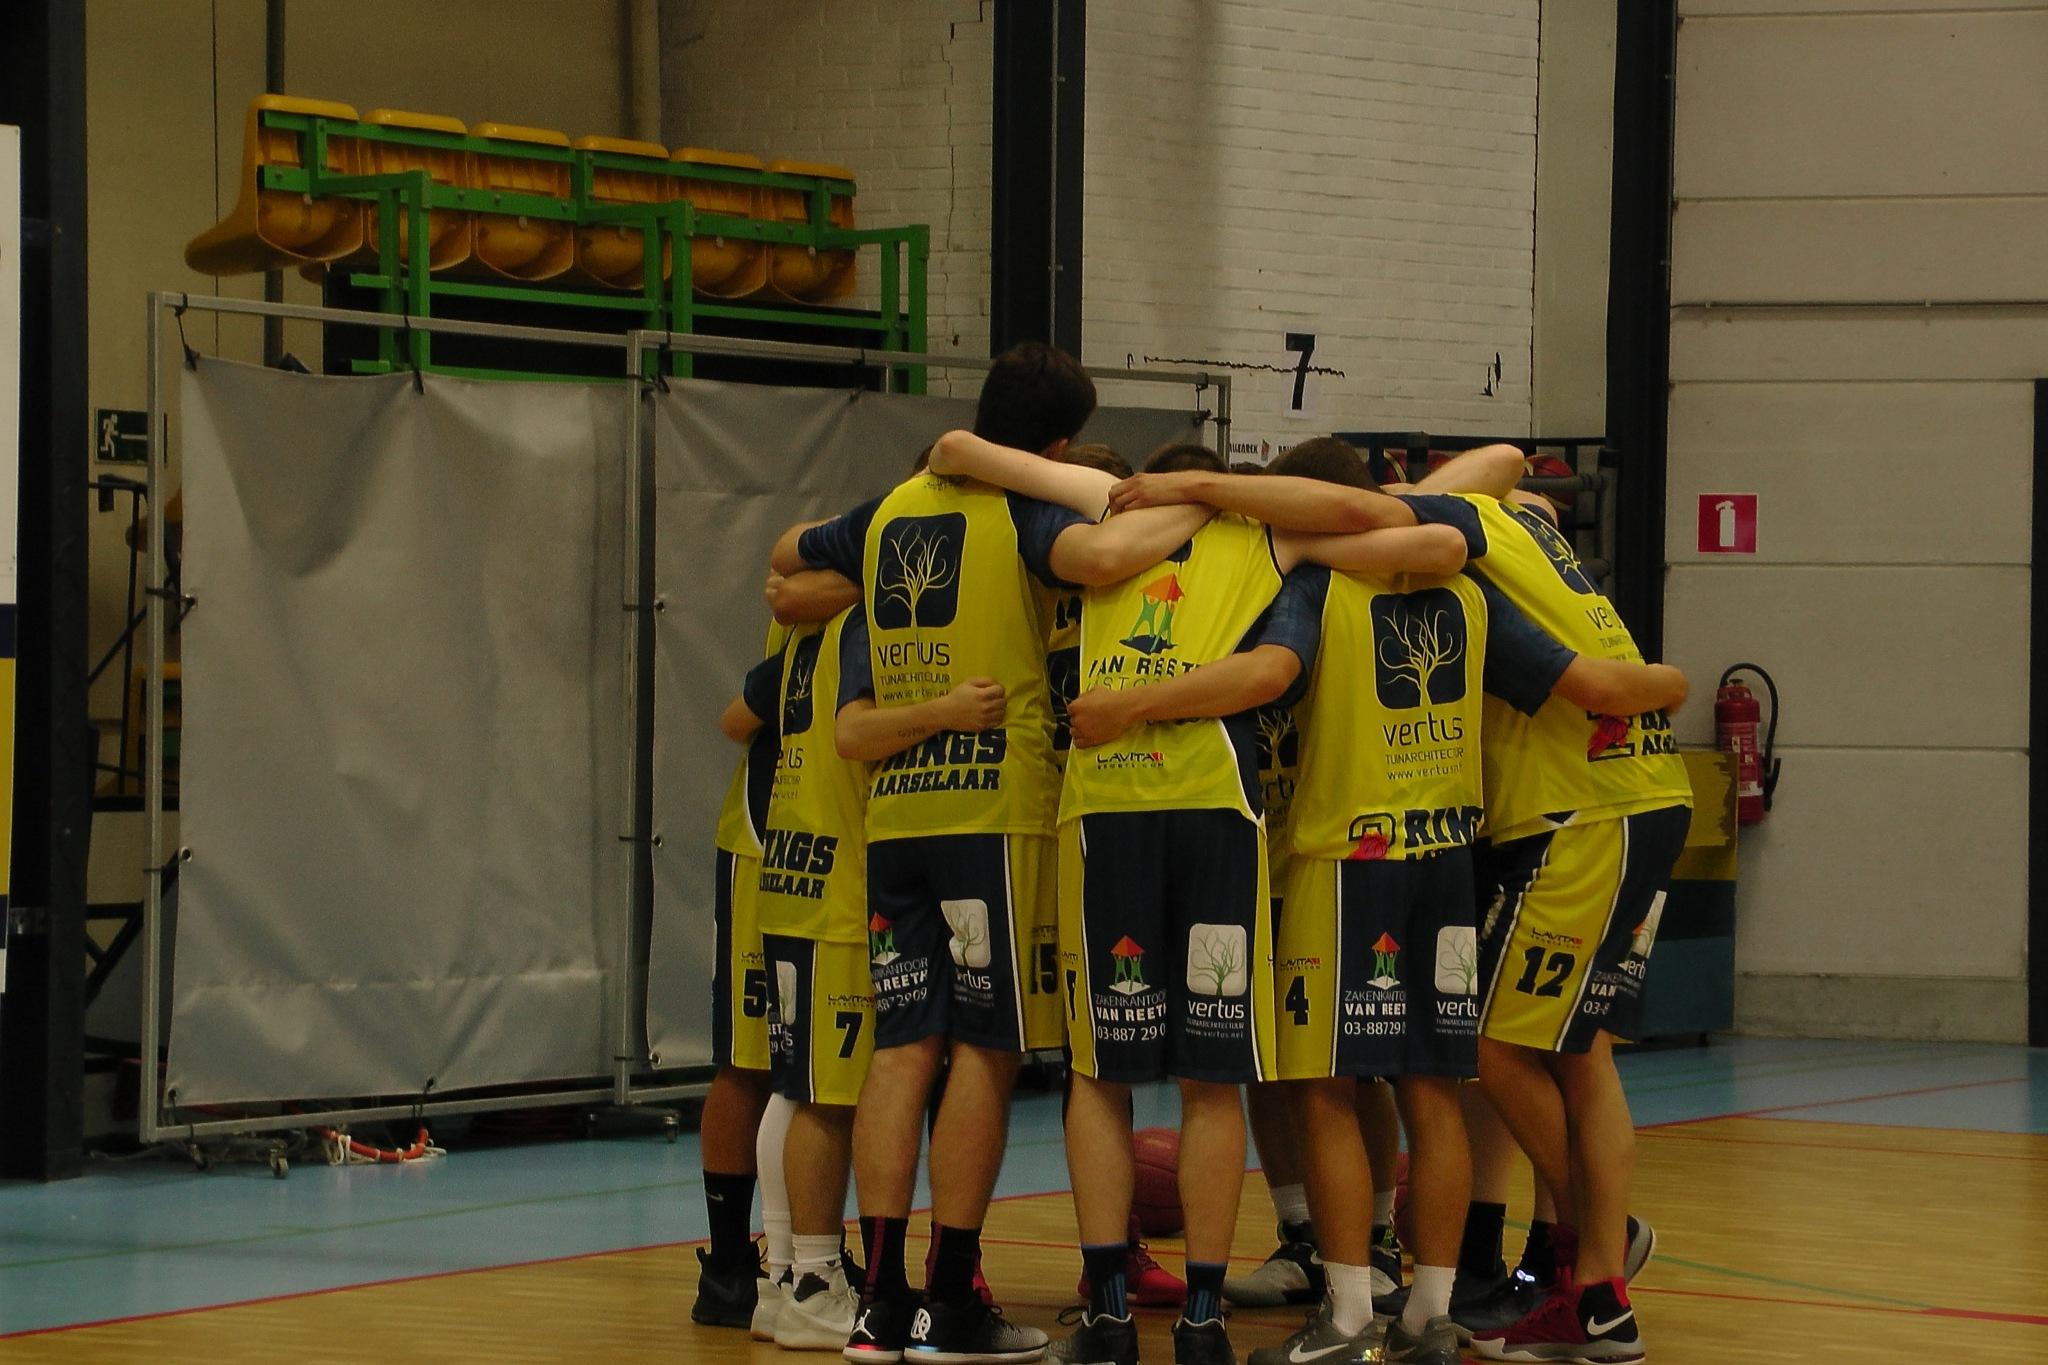 Real Teambuilding by Michel Van Elsacker